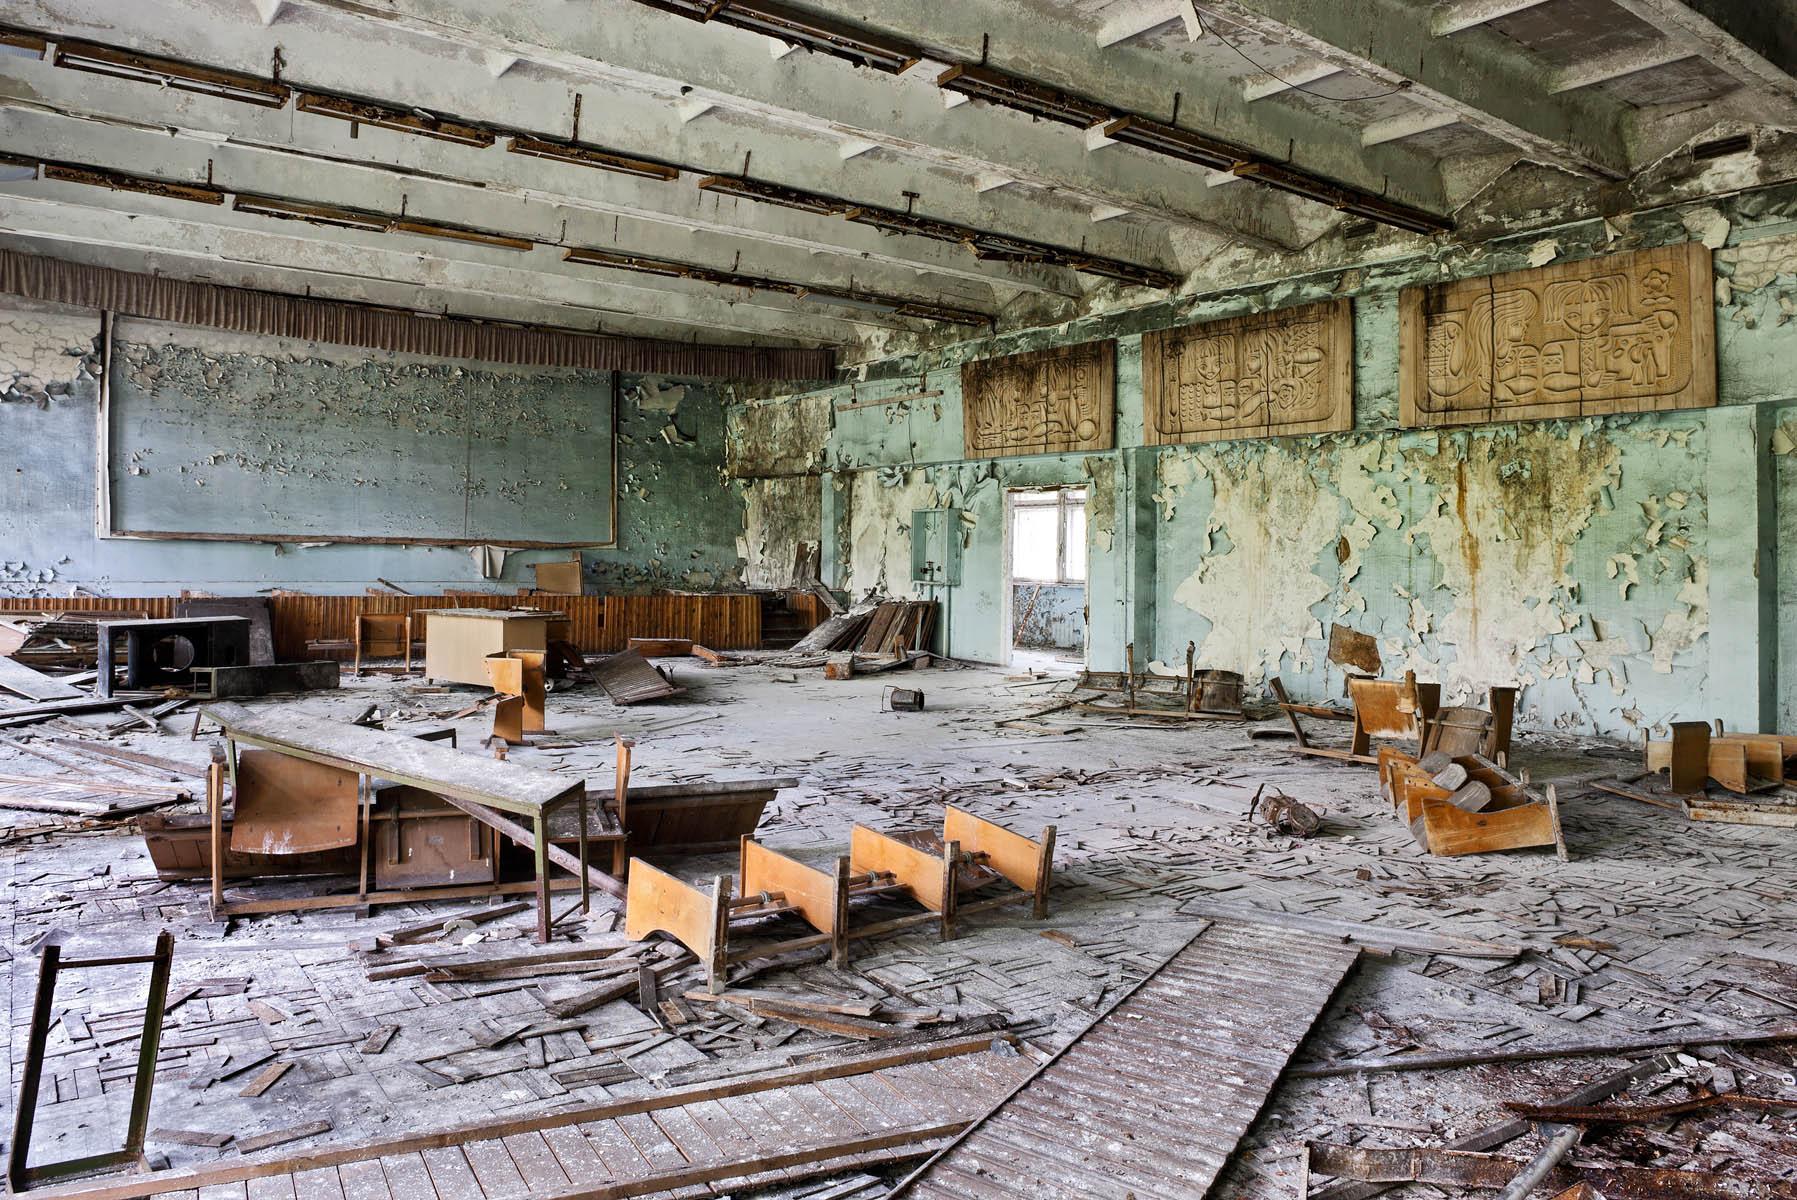 chernobyl_pripyat_10